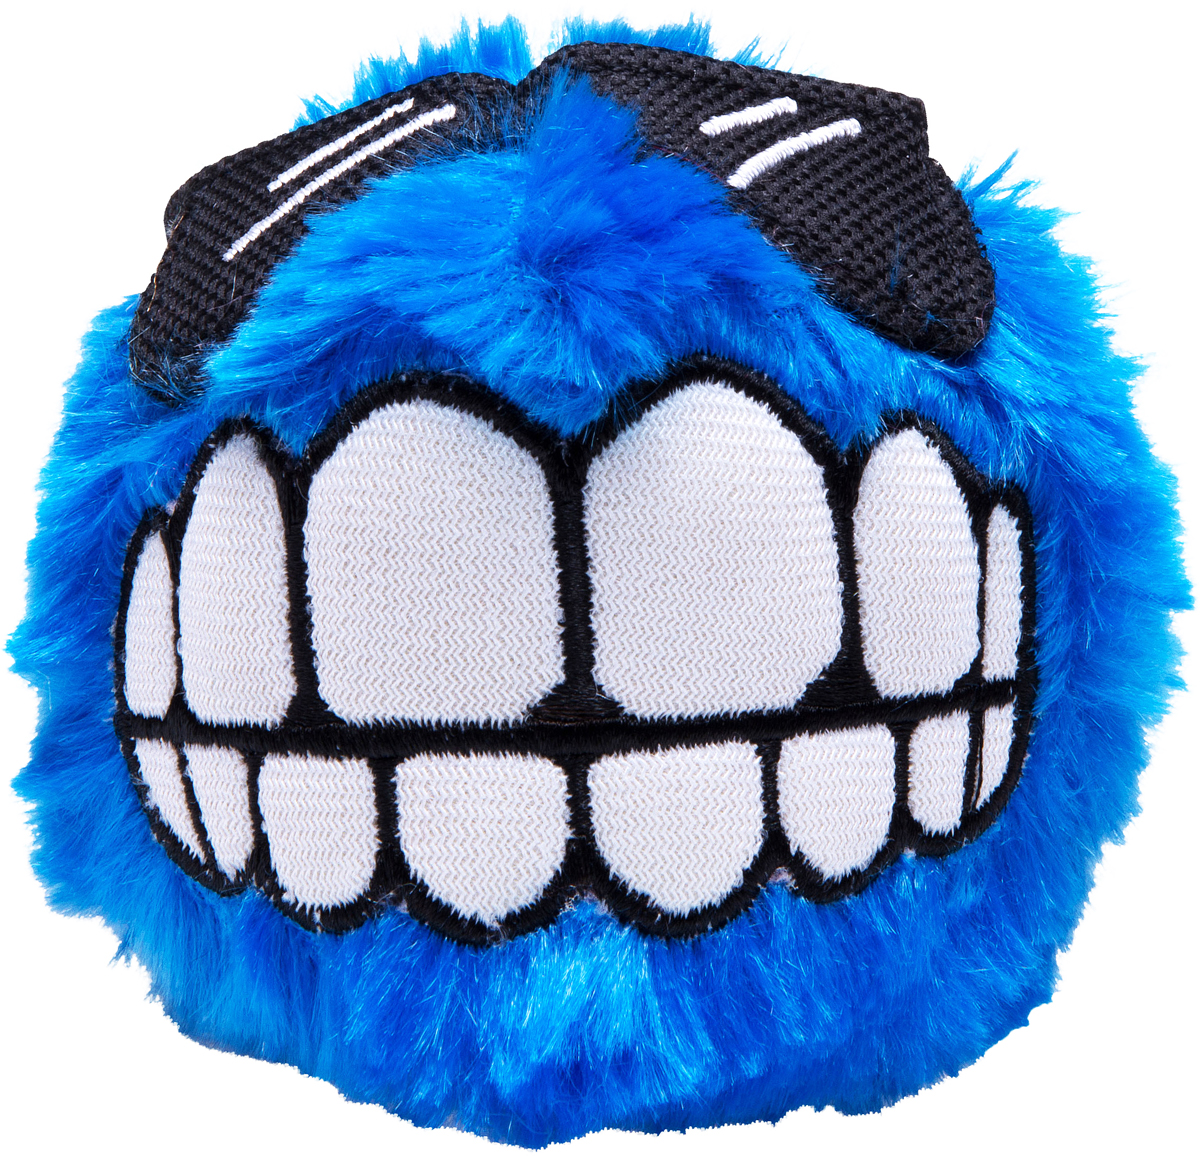 Игрушка для собак Rogz Fluffy Grinz. Зубы, цвет: синий, диаметр 4,9 смCGR01BИгрушка для собак Rogz Fluffy Grinz. Зубы - особо мягкий, плюшевый мяч. Для животных, которые любят играть в Поймай-принеси - это просто мечта.Небольшой вес изделия.Не травмирует зубы и десны.Удобен для переноски животных.Внутри игрушки пищалка, что поддерживает интерес животного к игре.